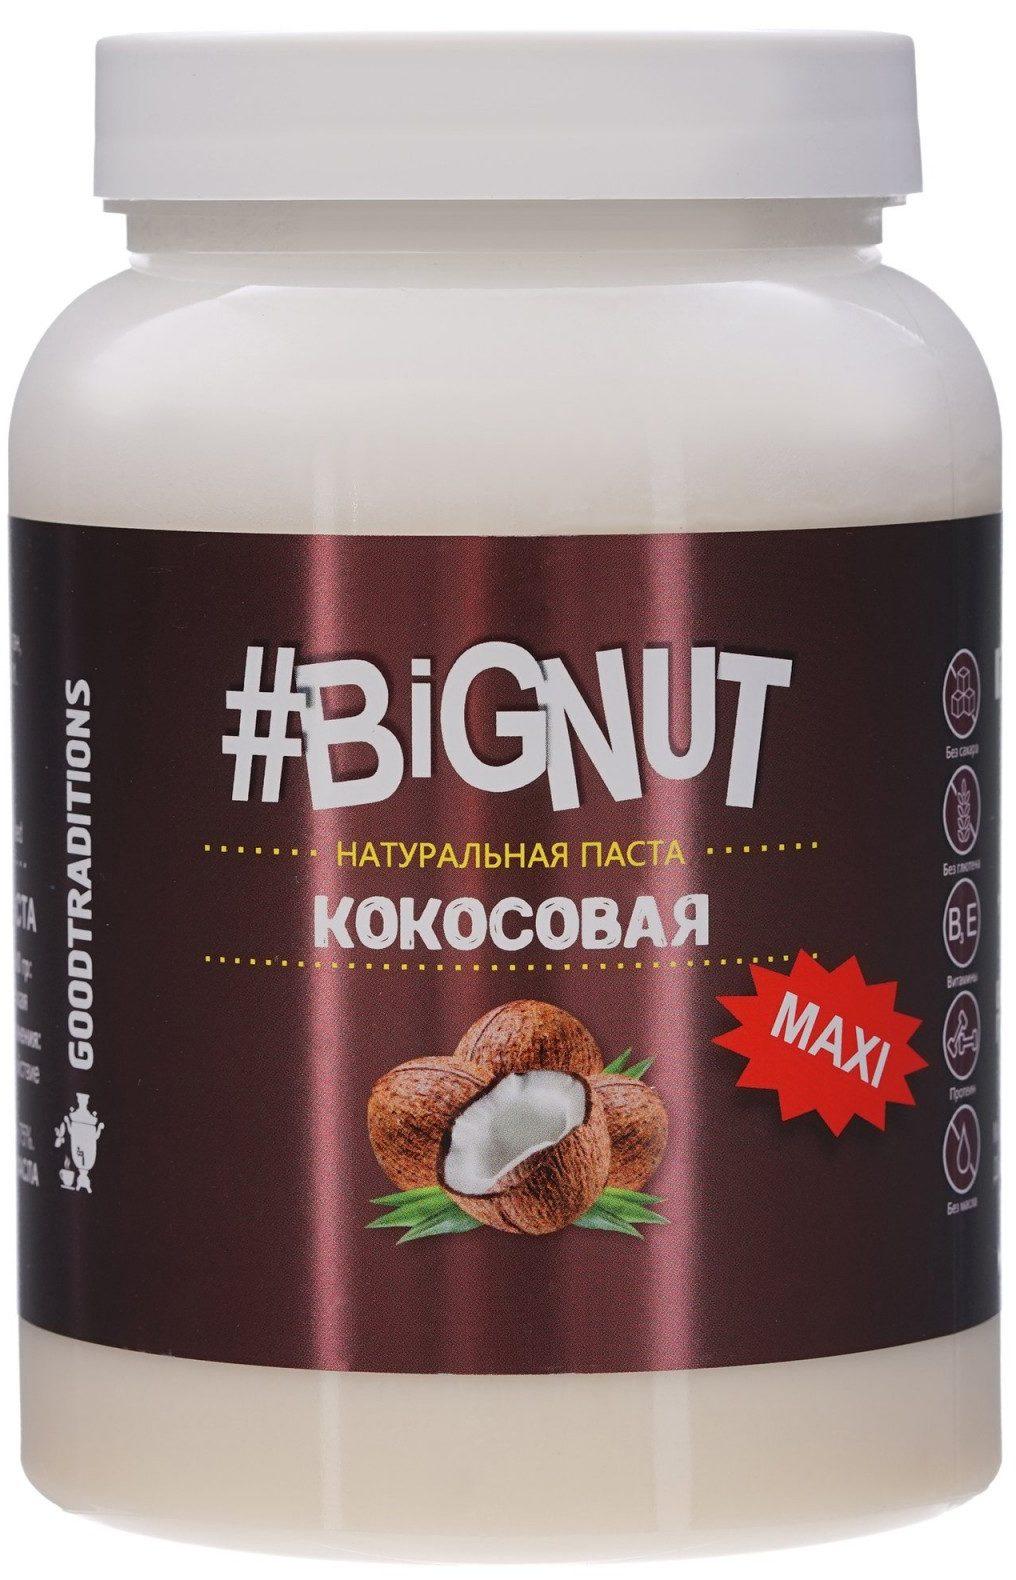 Кокосовая паста 1 кг./ Д Тр